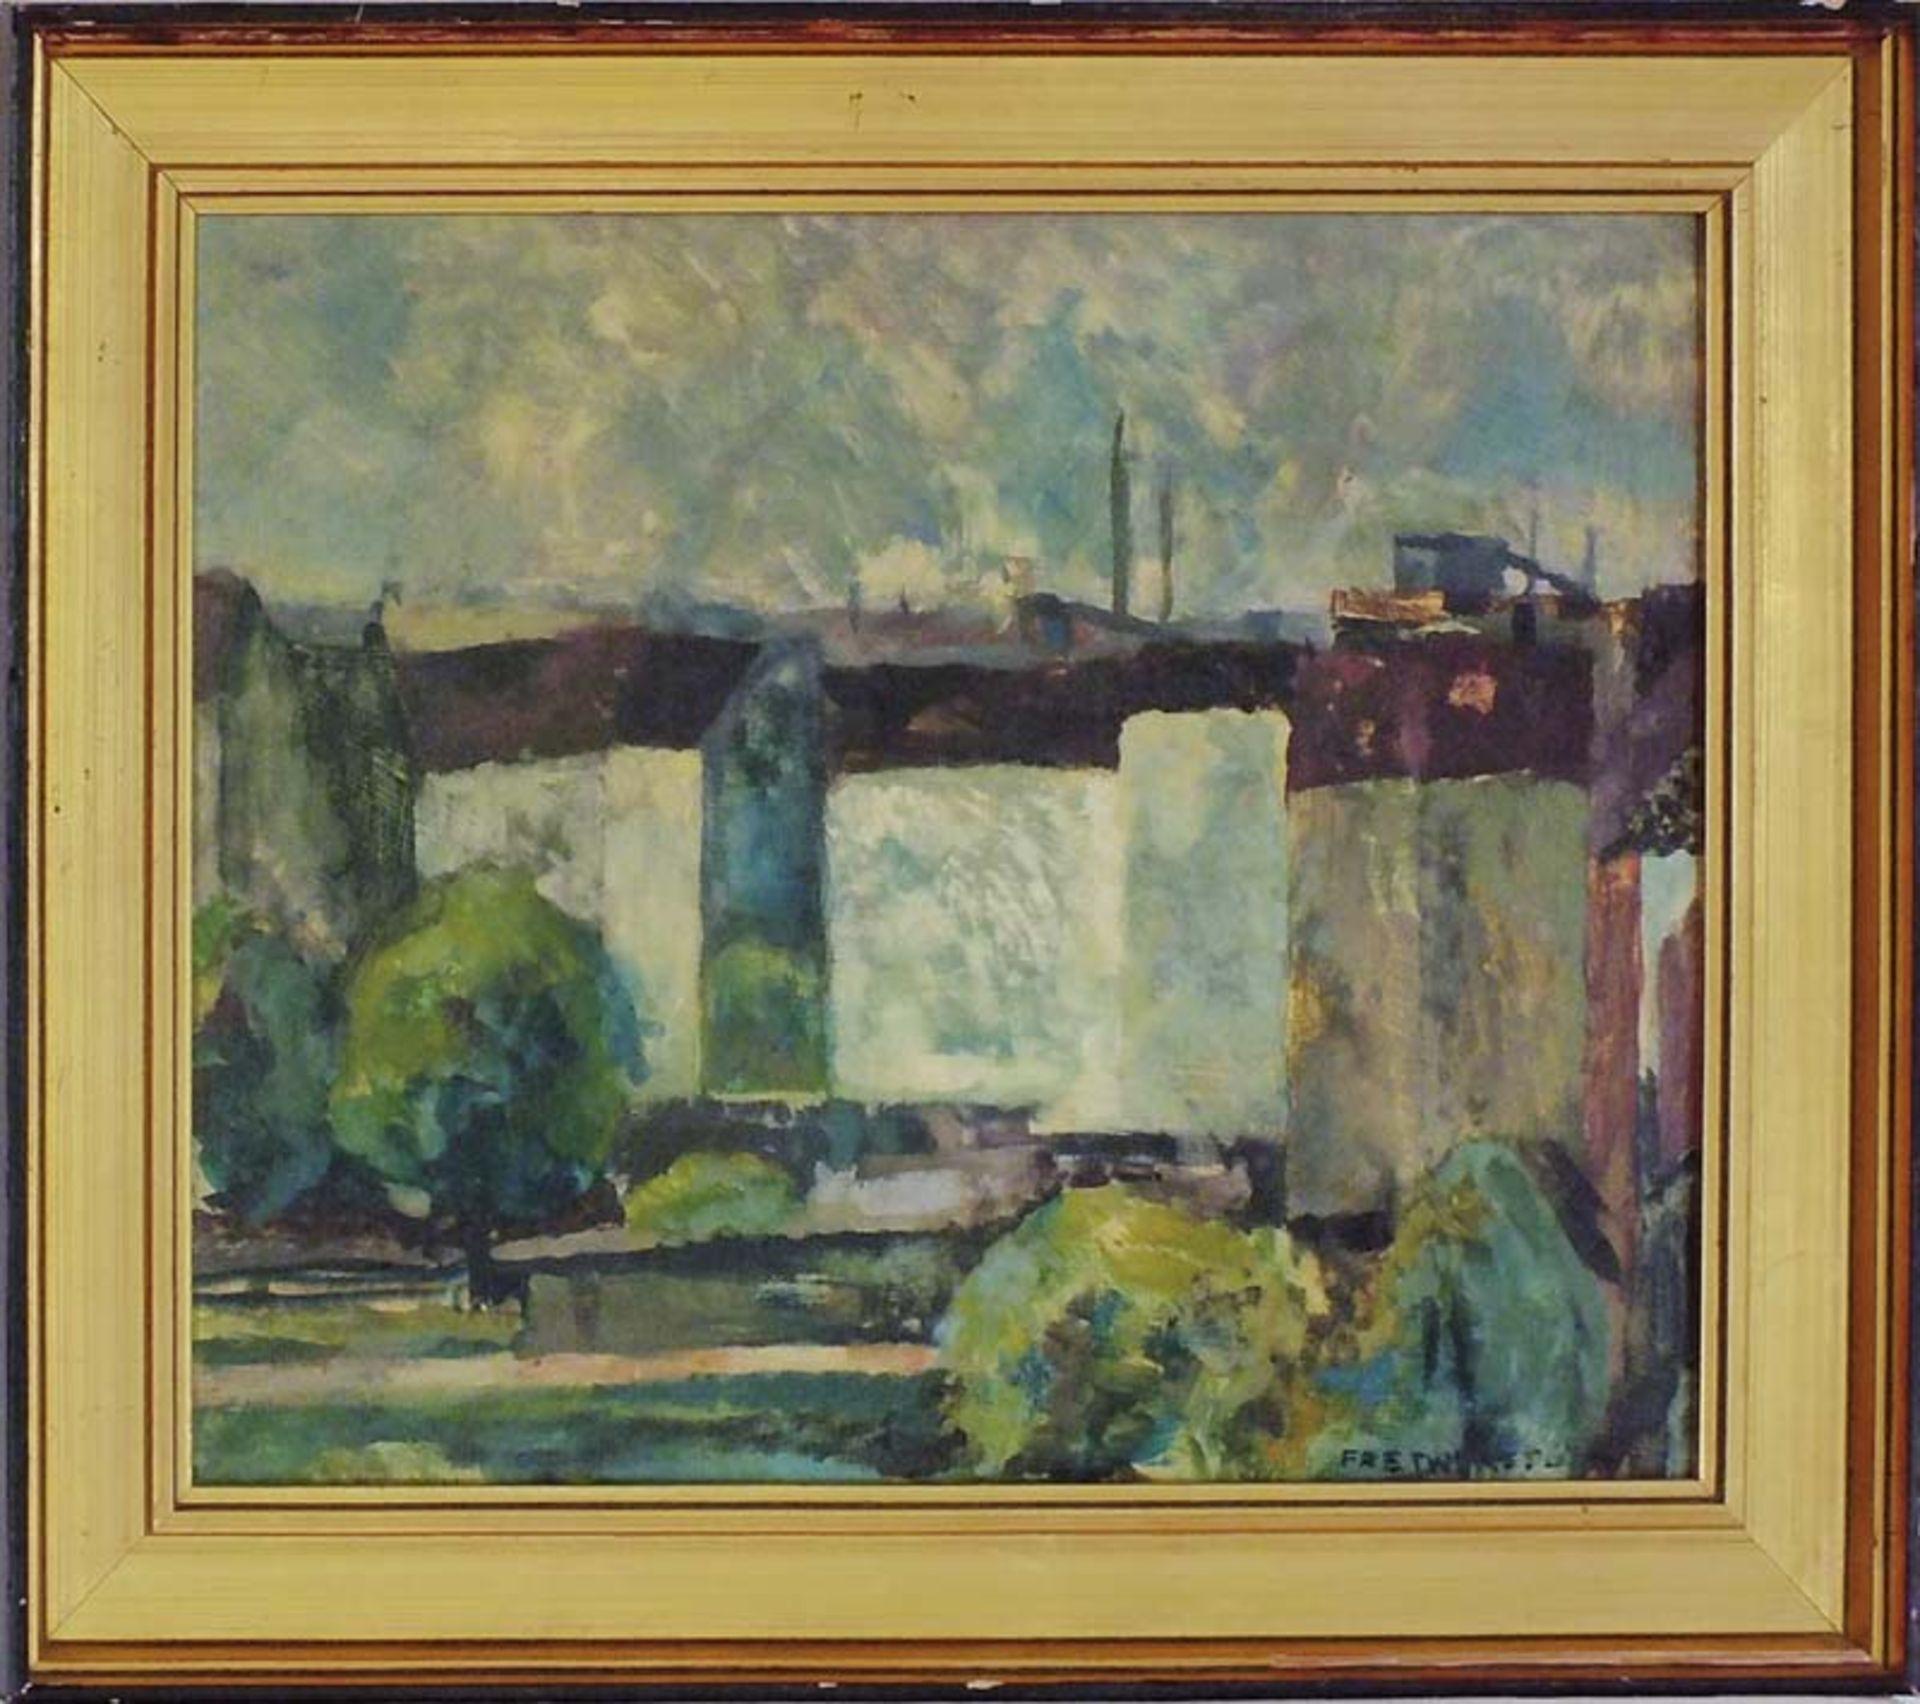 Fretwurst, Friedrich Wilhelm